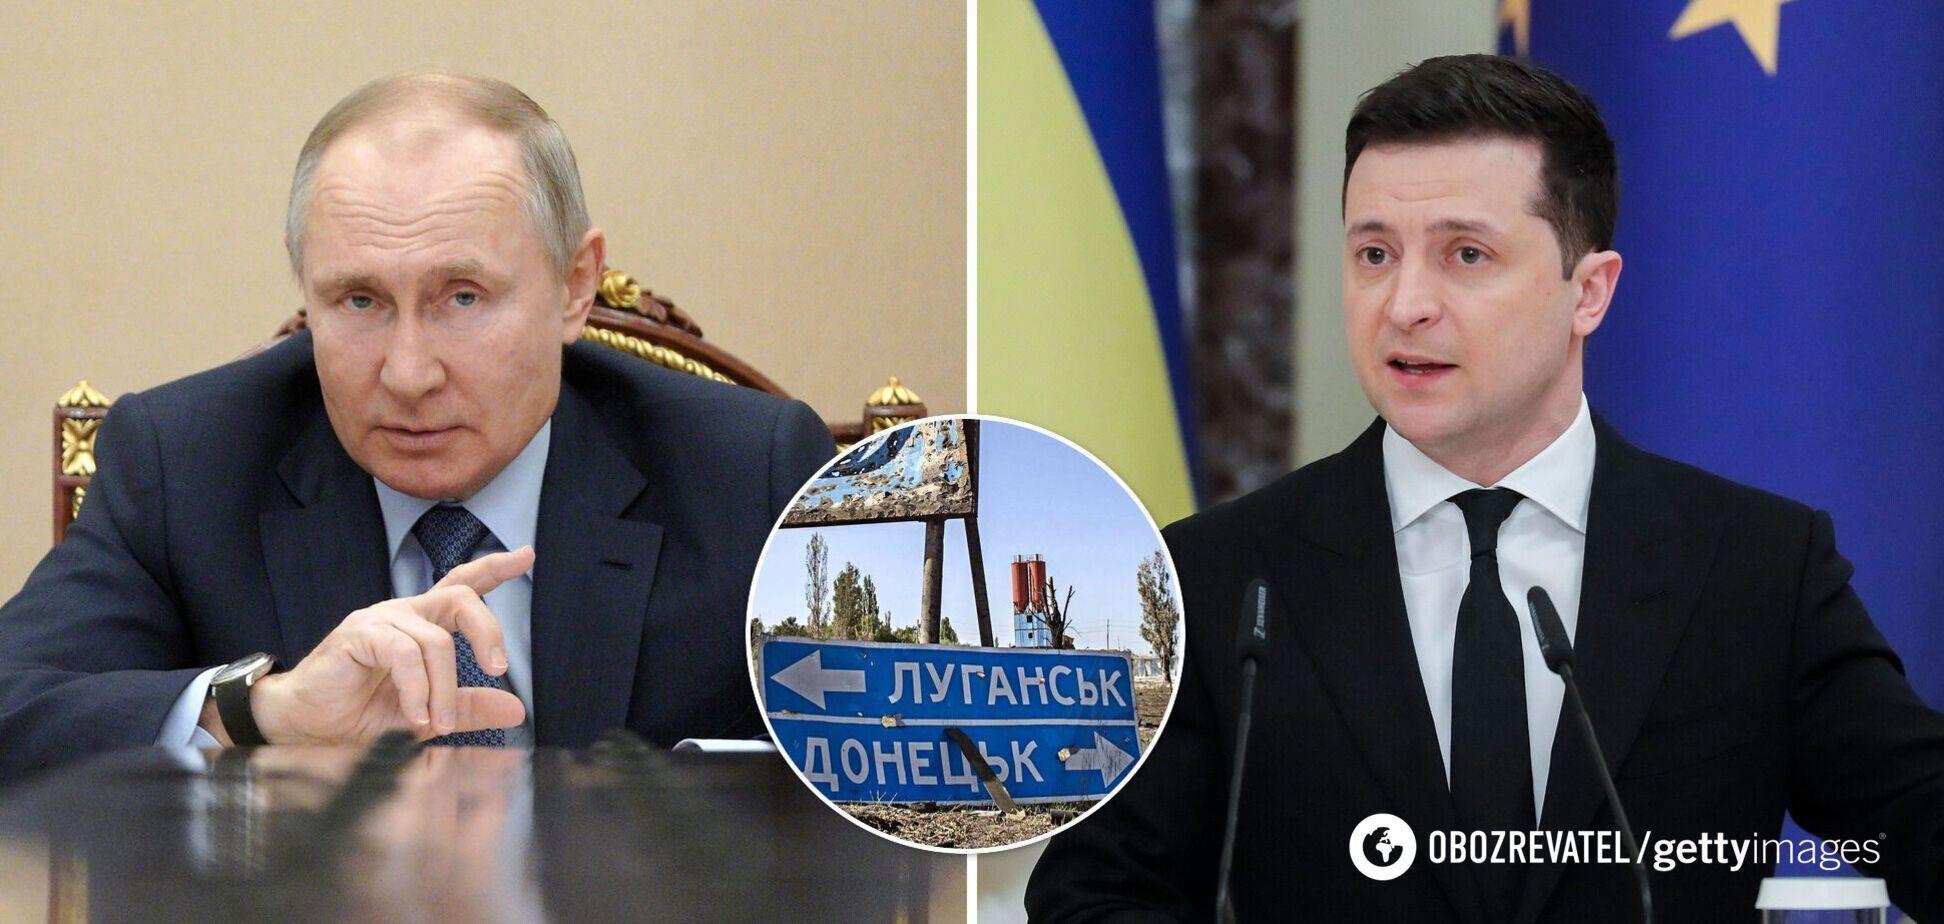 У Путина отреагировали на приглашение Зеленского на Донбасс